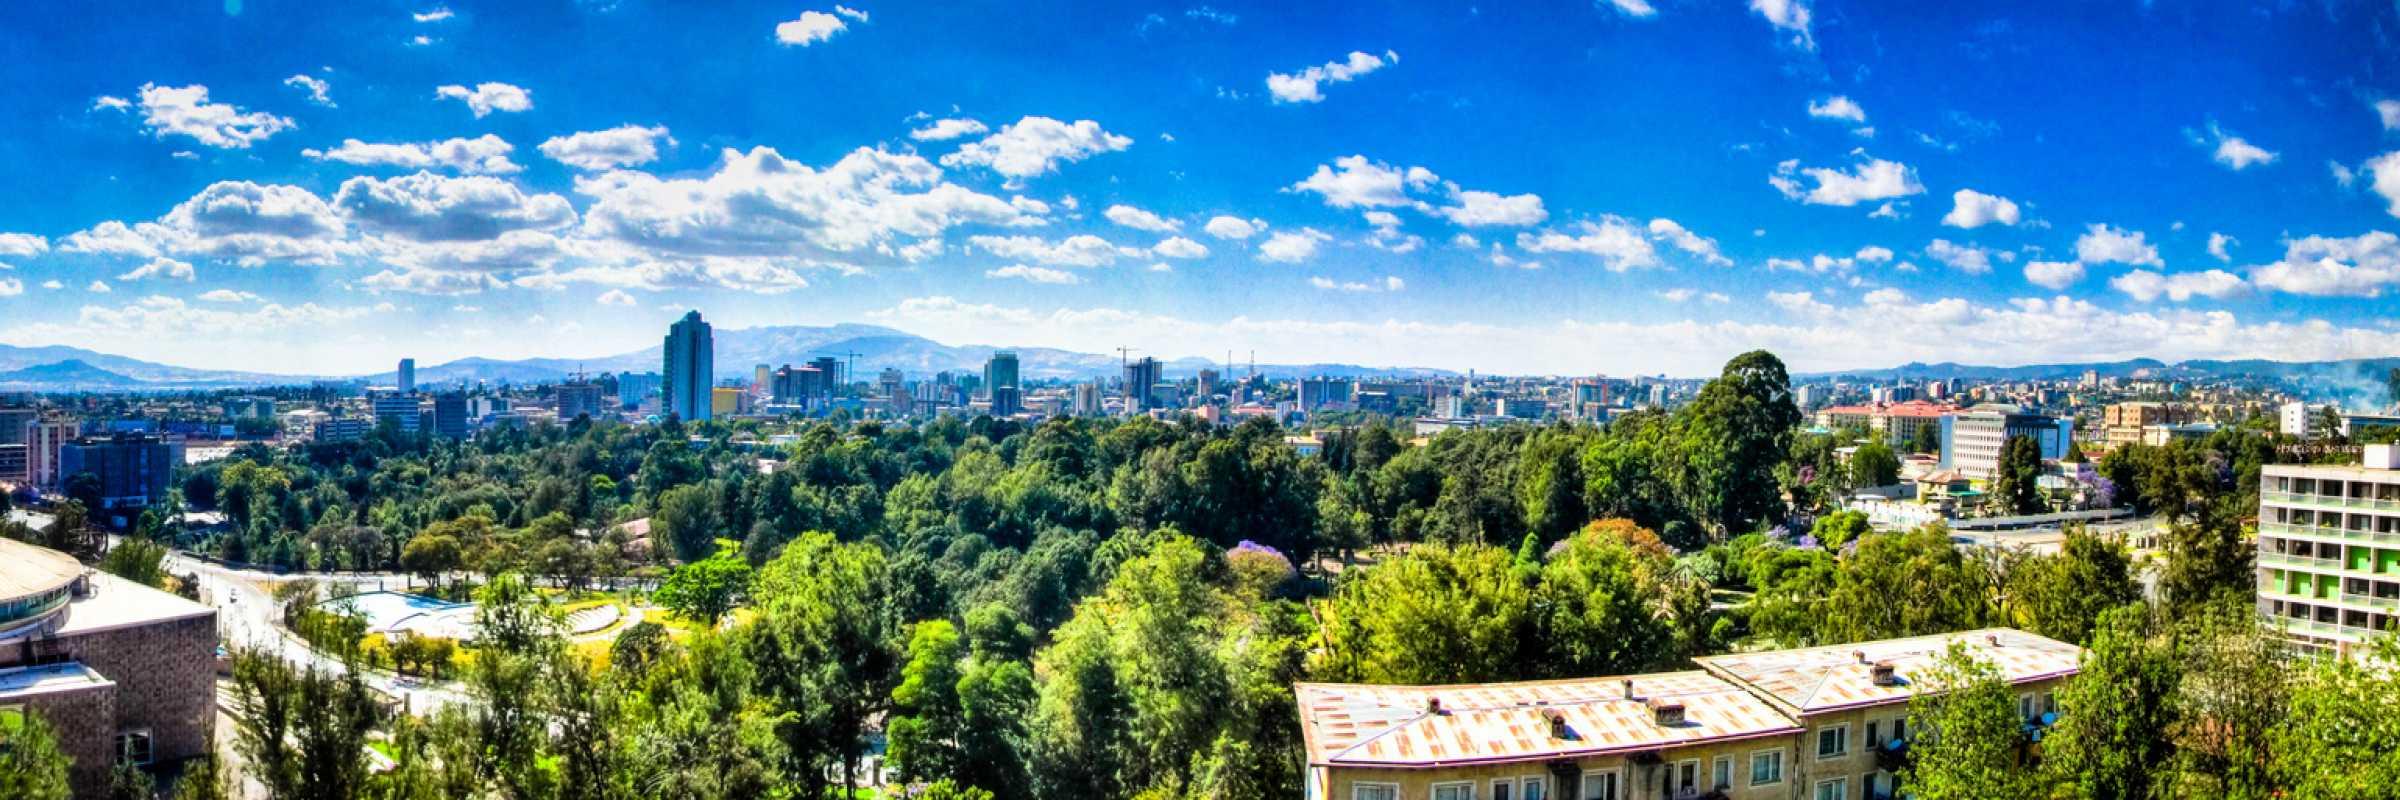 Addis skyline by Babak Fakhamzadeh